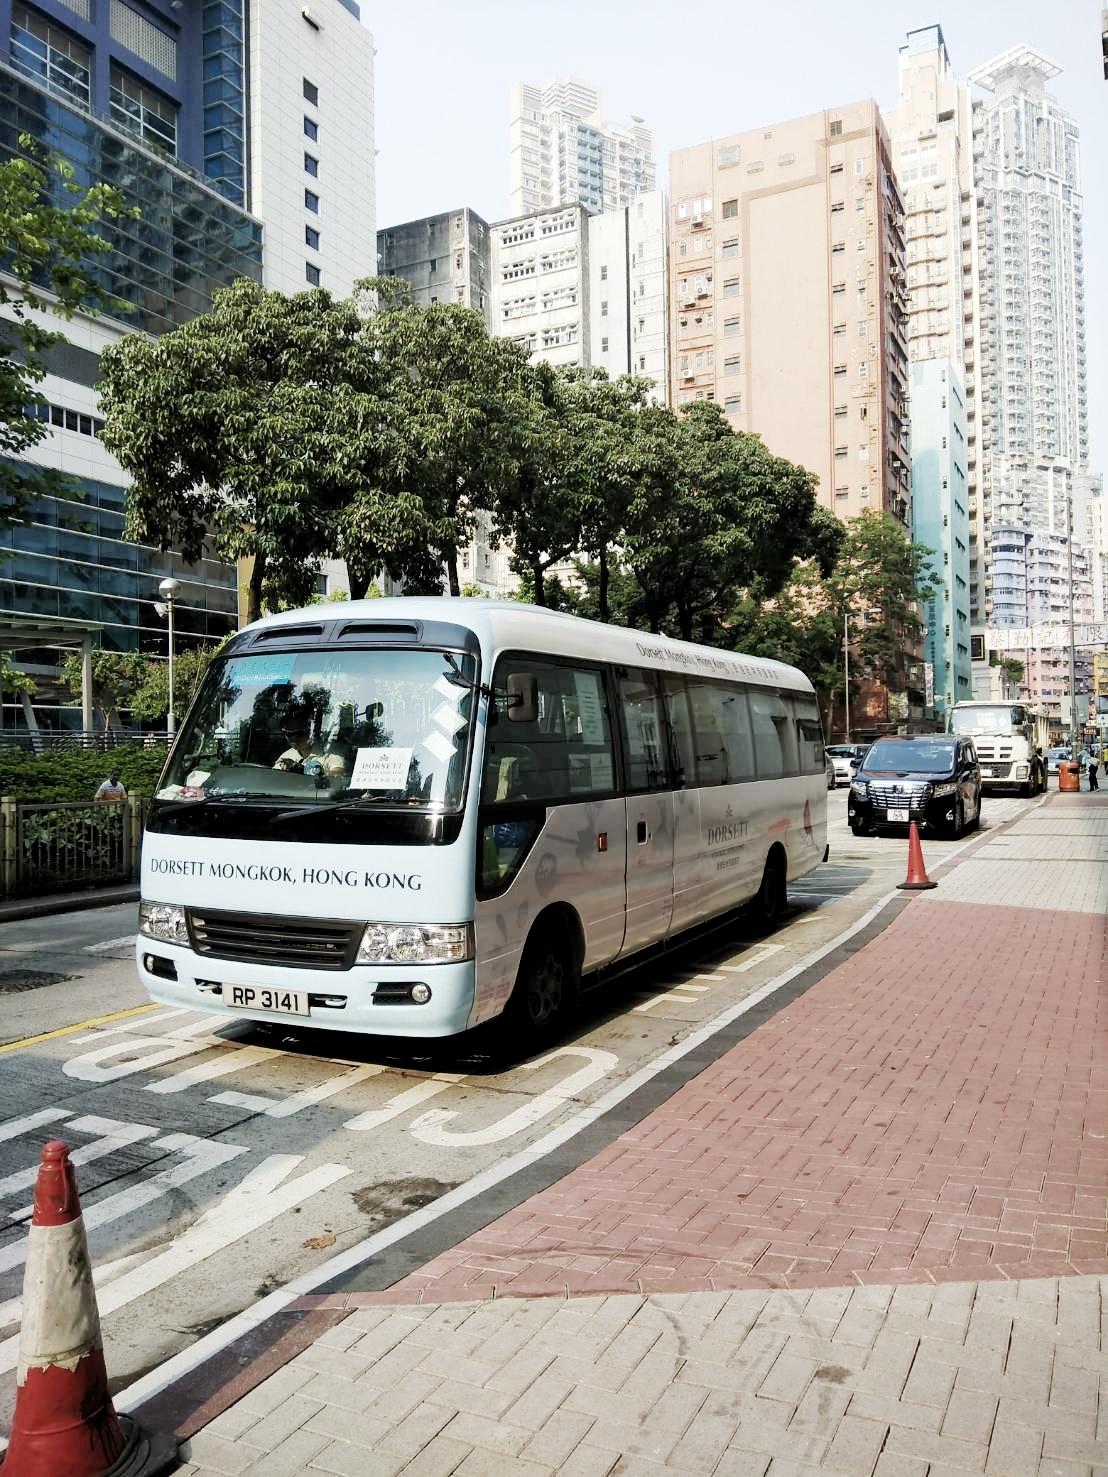 Dorsett Hotel Mong Kok Hong Kong Heplinclara Food And Travel Tiket Masuk Sky 100 Hongkong Anak Misalnya Ladies Market Star Ferry Dan Beberapa Lainnya Yang Bisa Langsung Kalian Cek Di Websitenya